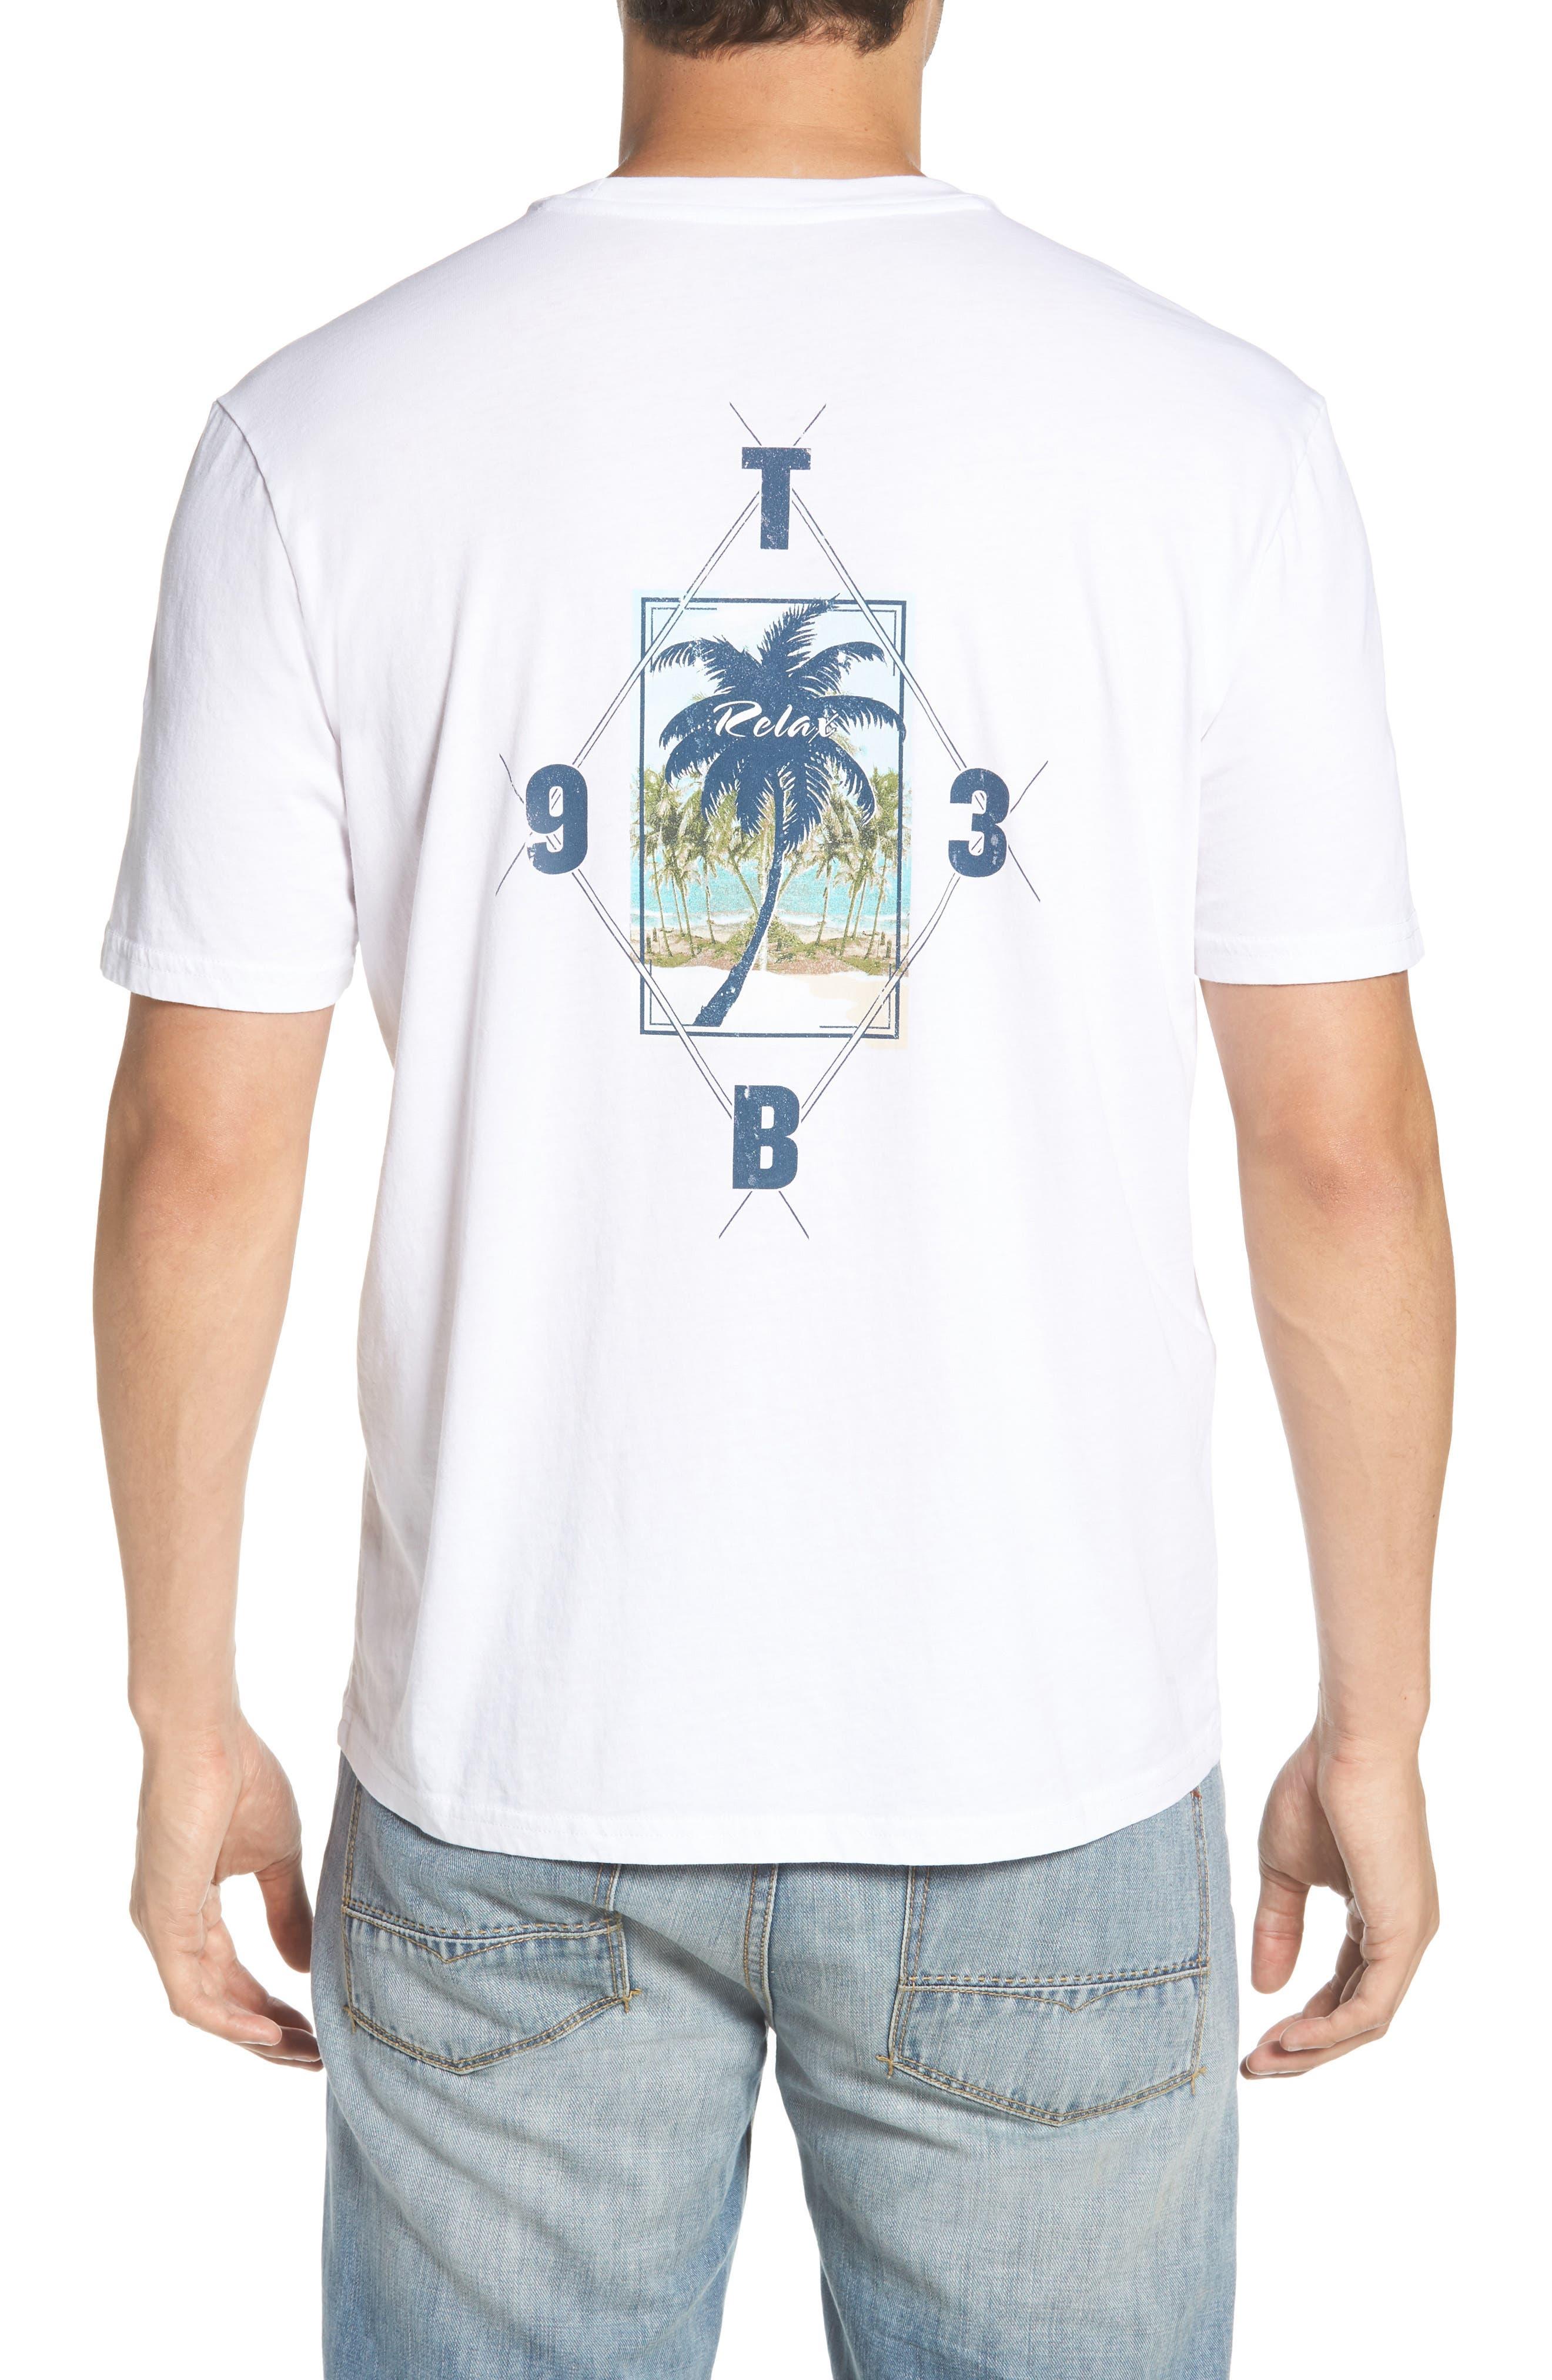 Diamond Cove T-Shirt,                             Alternate thumbnail 2, color,                             100